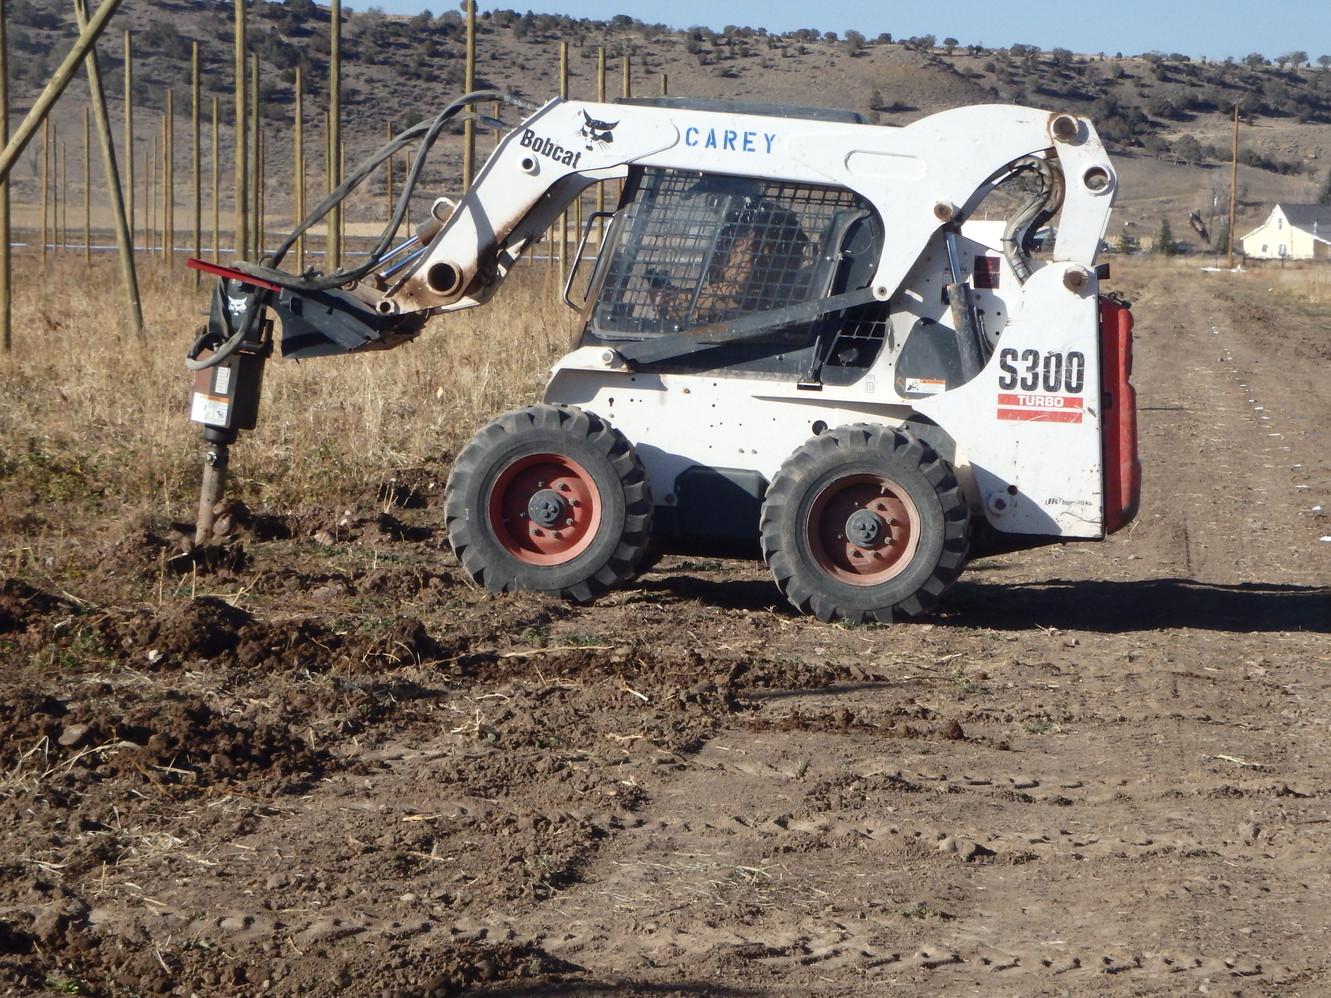 Drilling again...